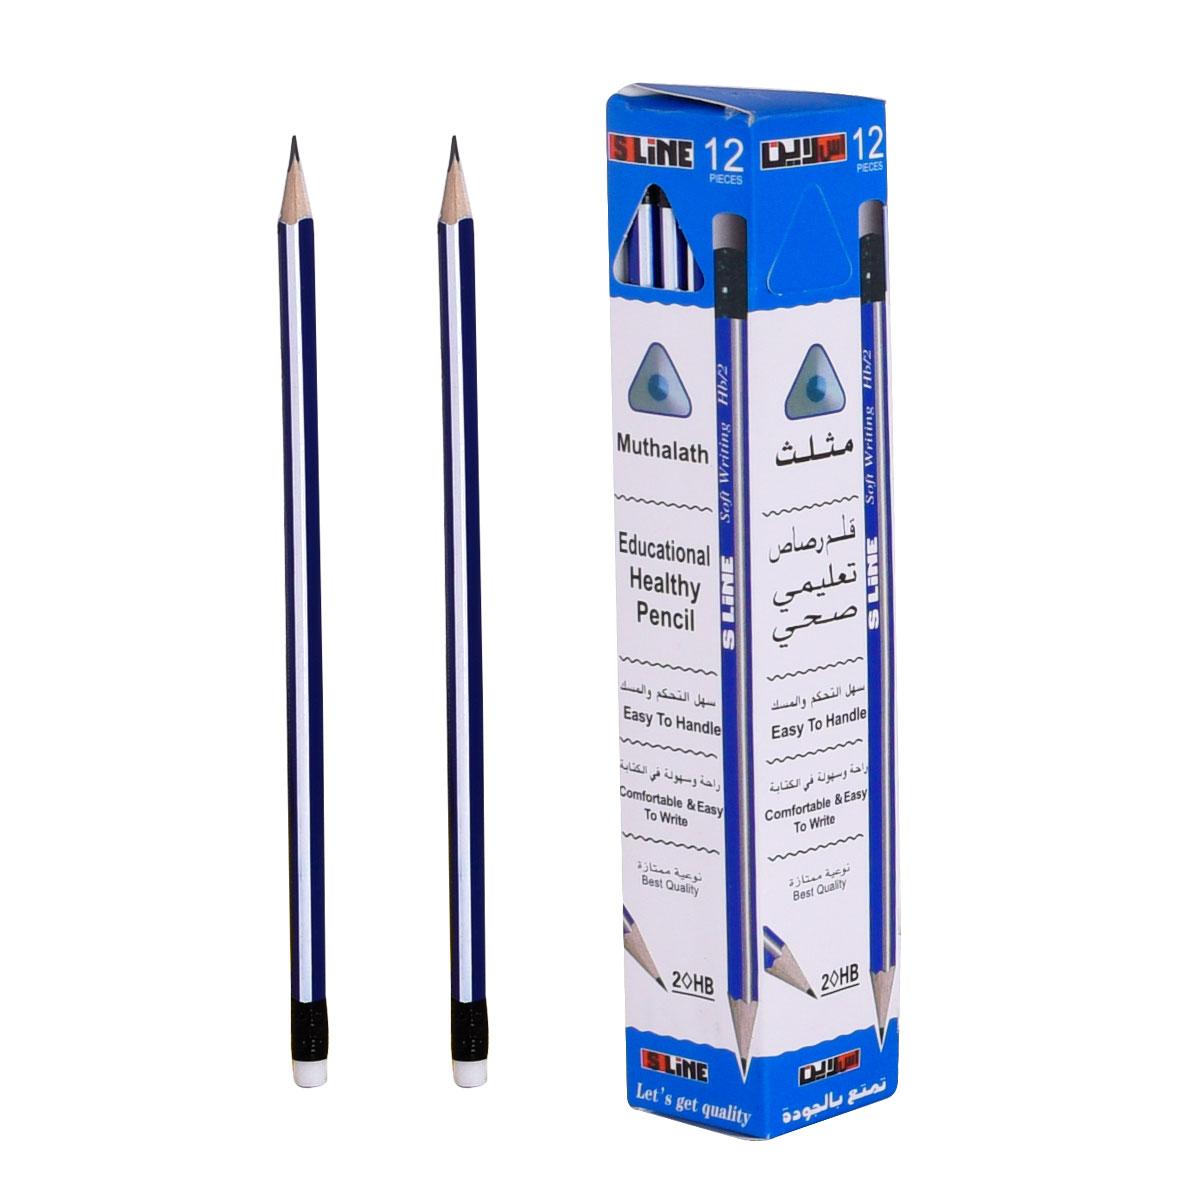 اقلام رصاص اس لاين HB  مثلث مع ممحاة  - 12 قلم